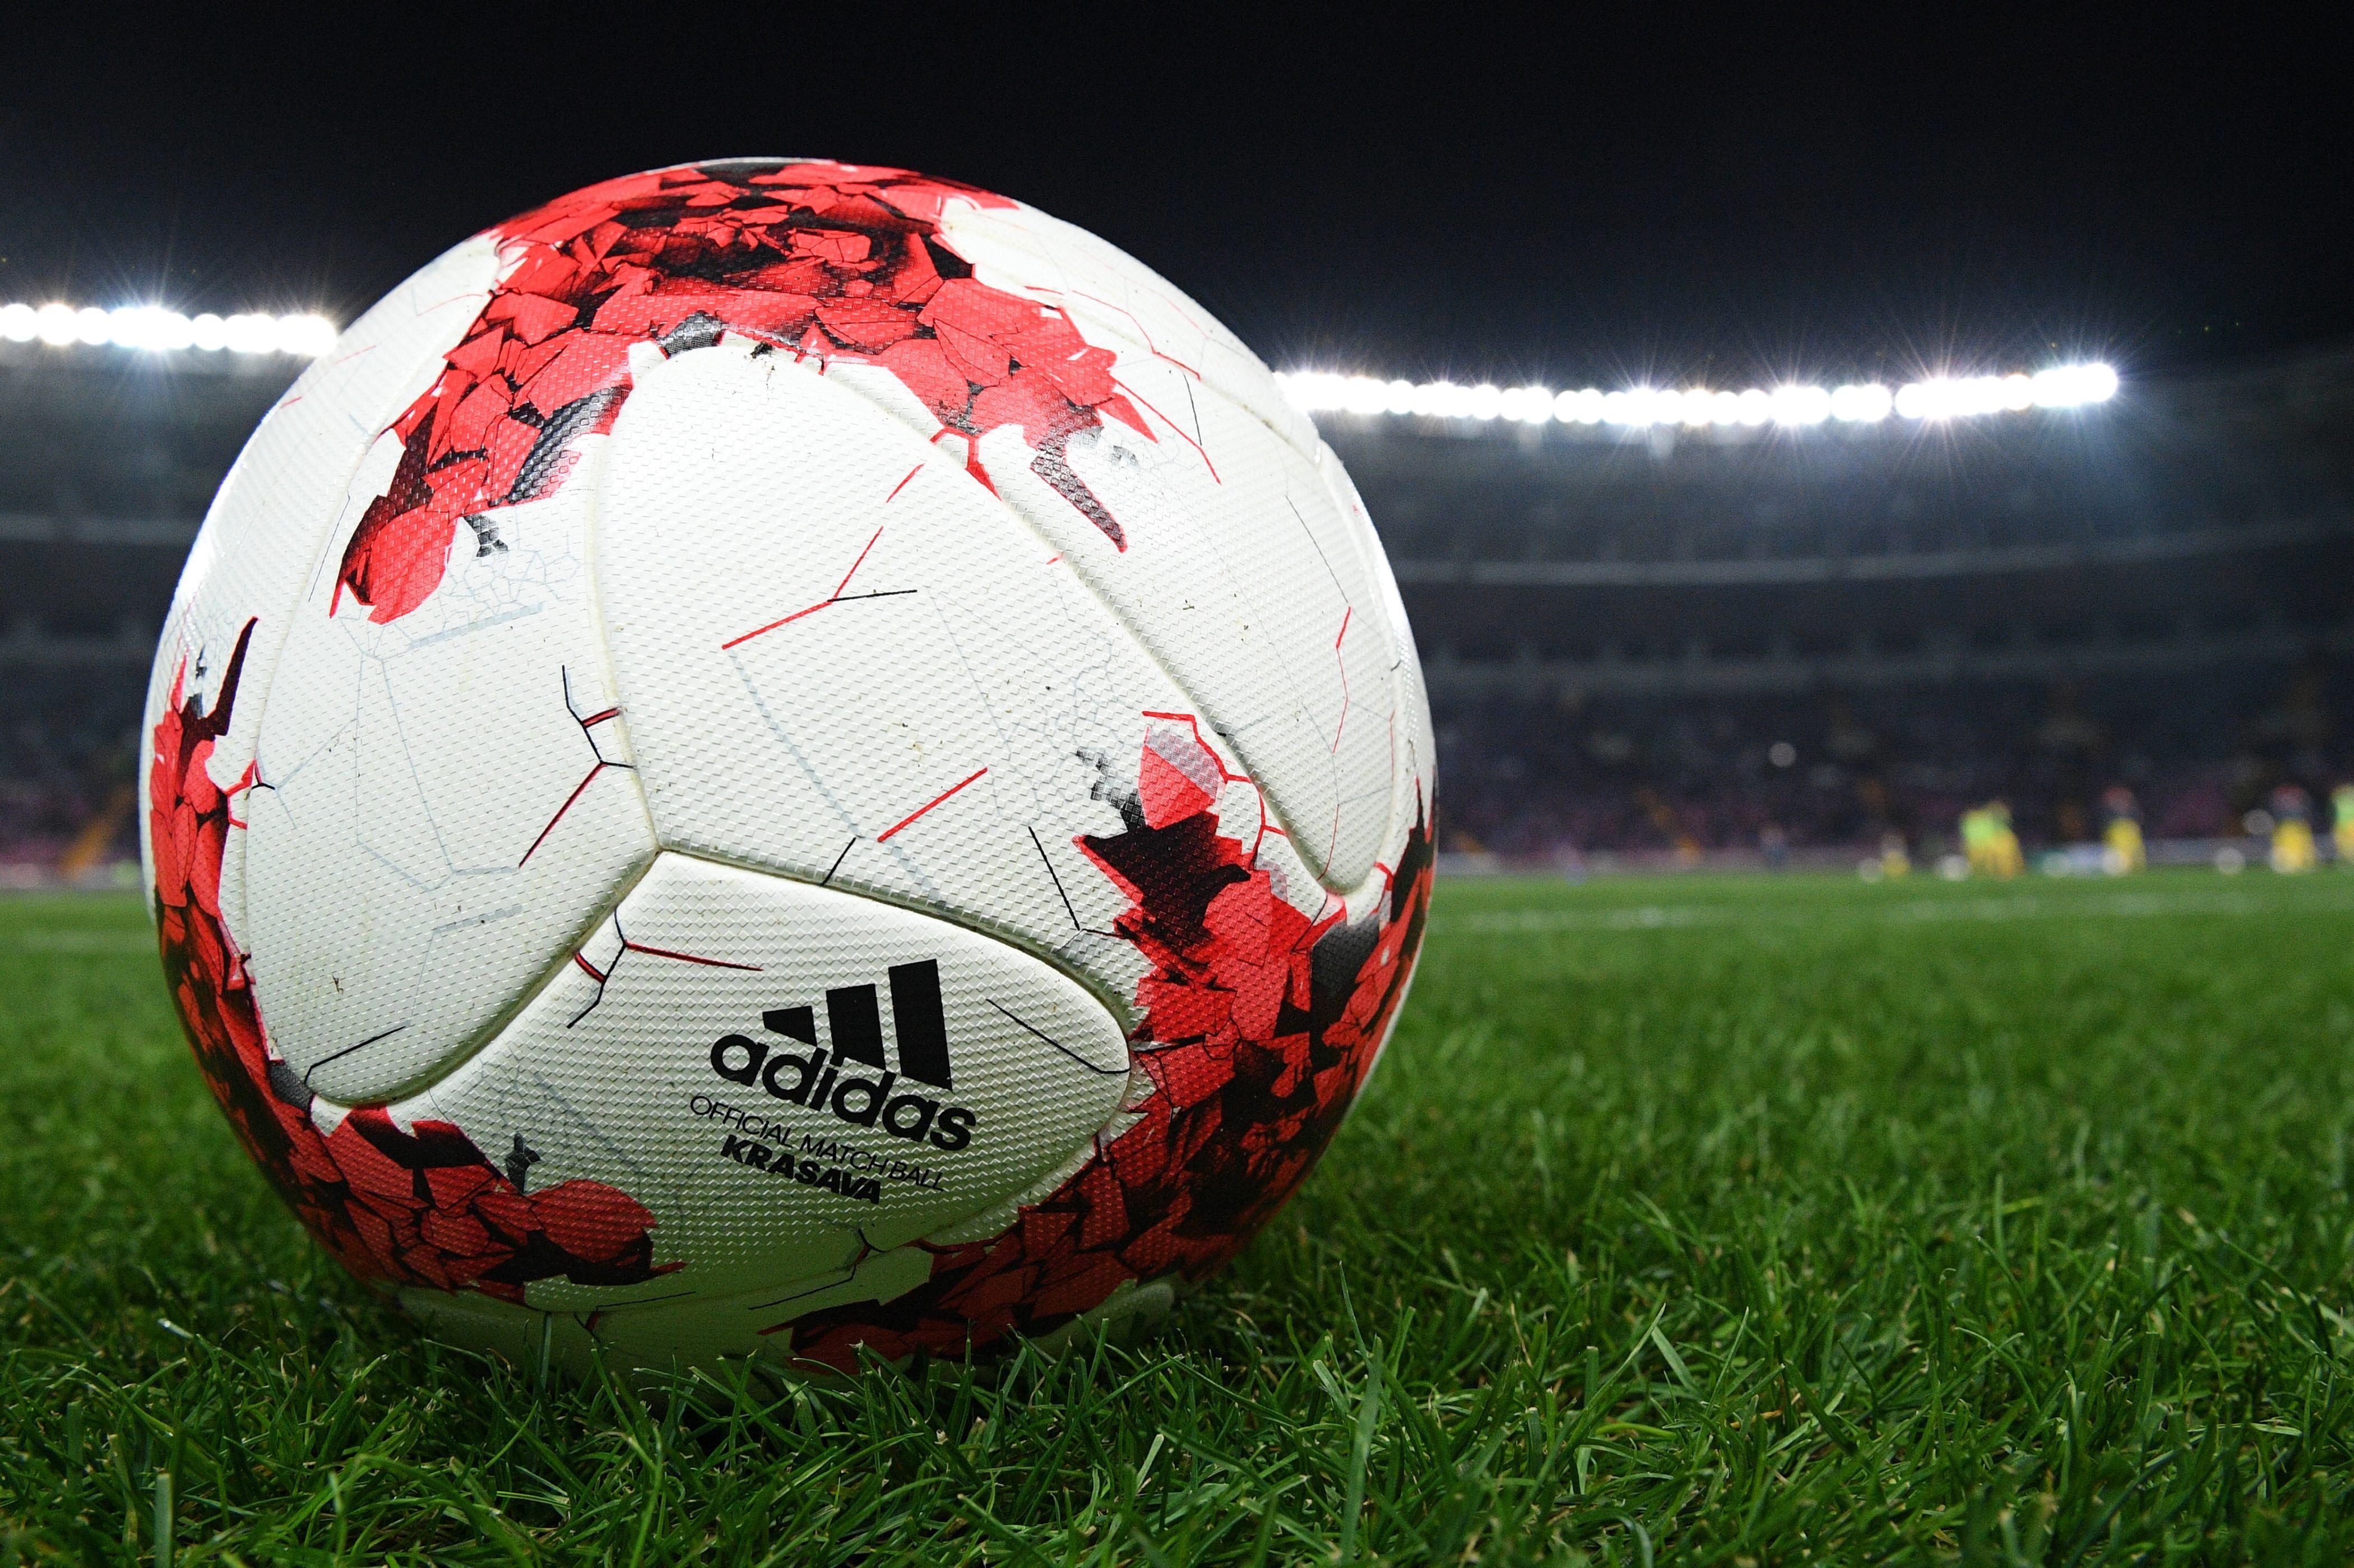 Primul caz de COVID-19 în fotbalul românesc. Meciul Dinamo - Chindia  Târgovişte a fost suspendat